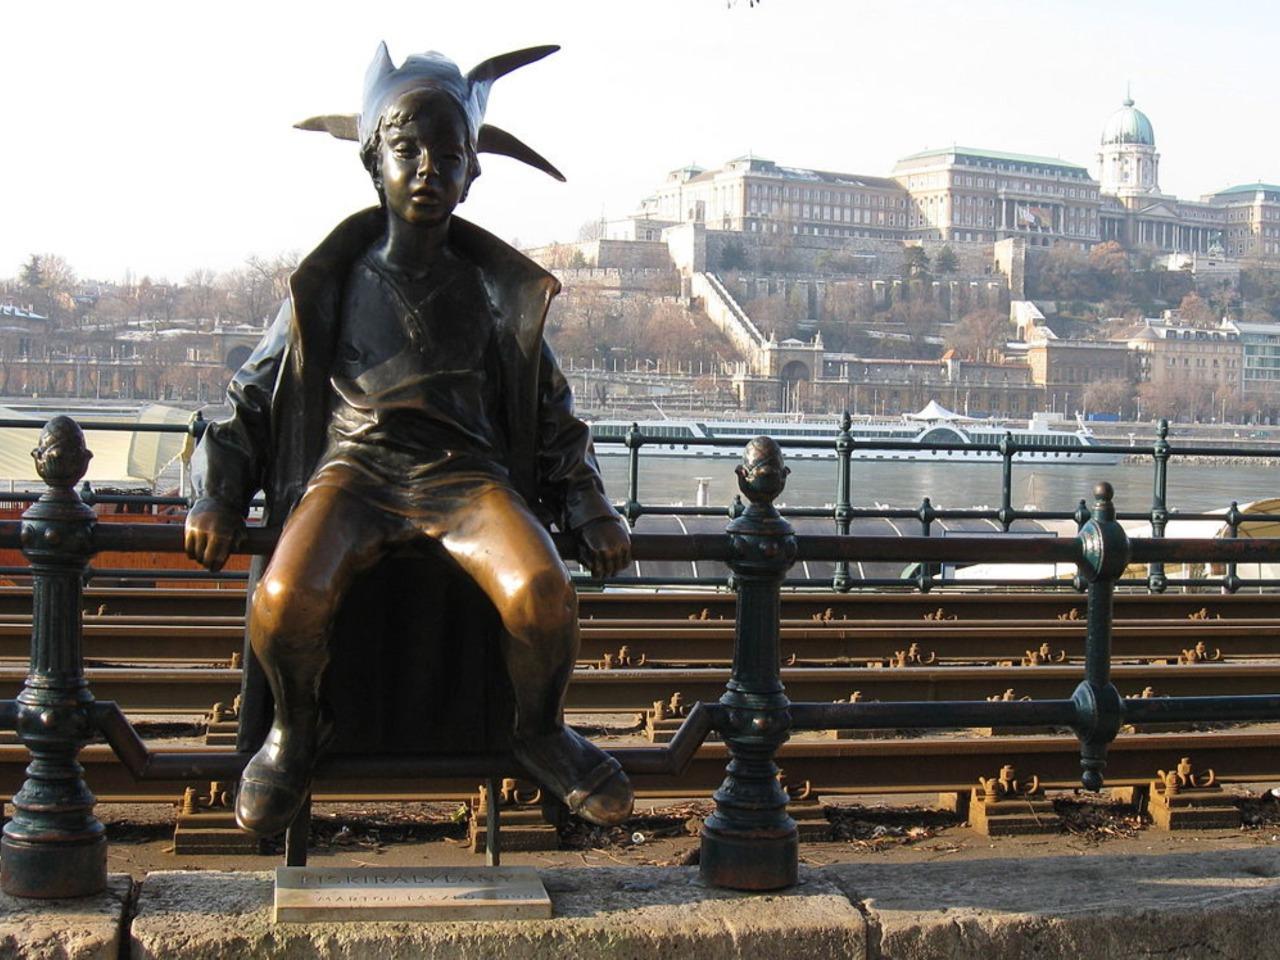 Детский Будапешт - индивидуальная экскурсия в Будапеште от опытного гида